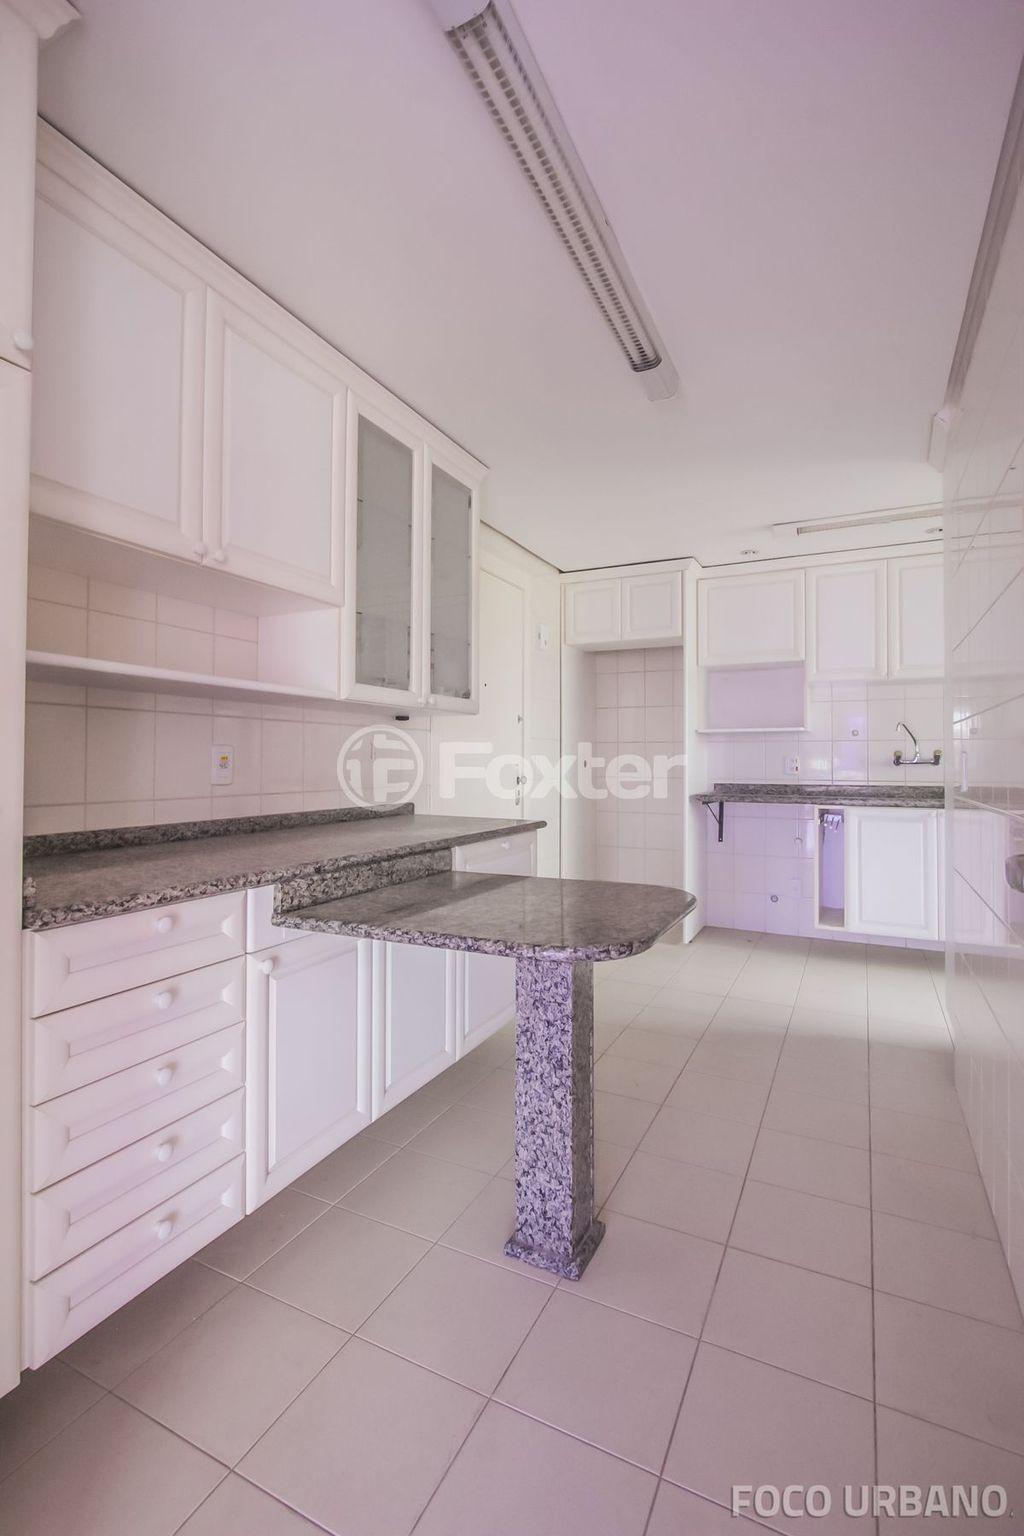 Foxter Imobiliária - Cobertura 3 Dorm (137146) - Foto 25